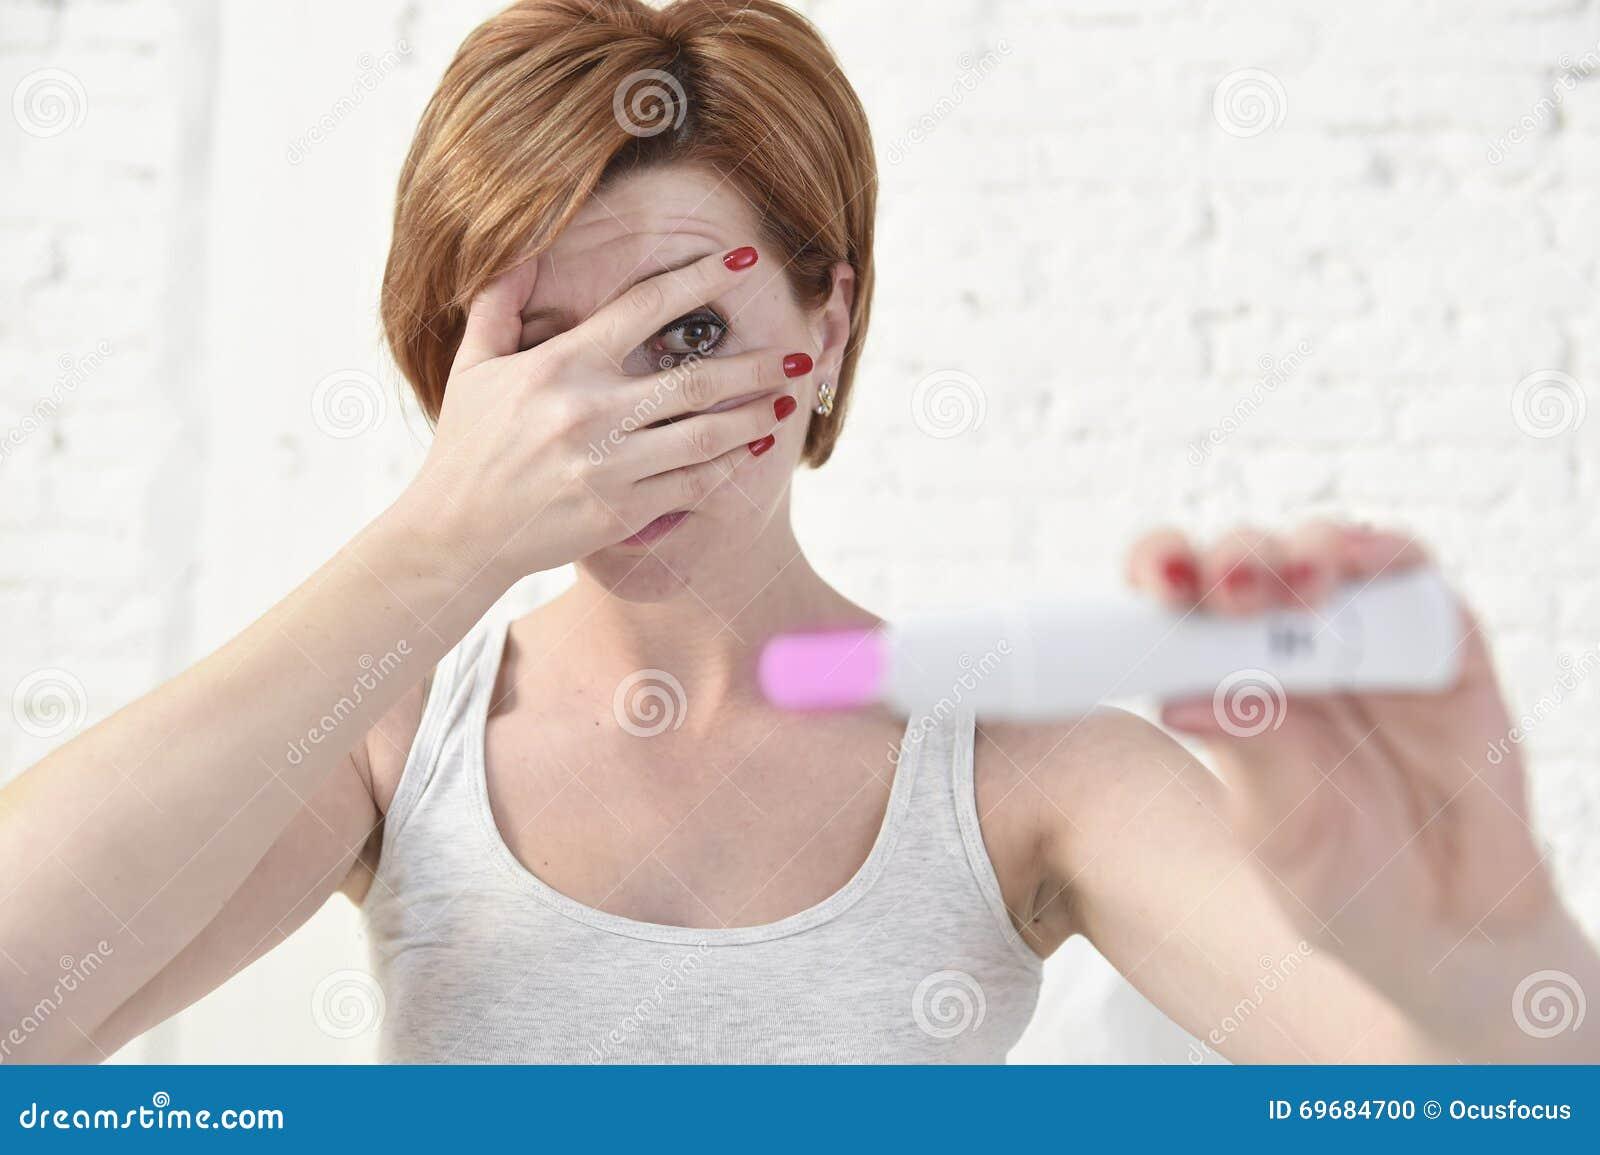 Schwangere Frau, die den rosa positiven Schwangerschaftstest bedeckt ihre Augen mit ihrer Hand hält